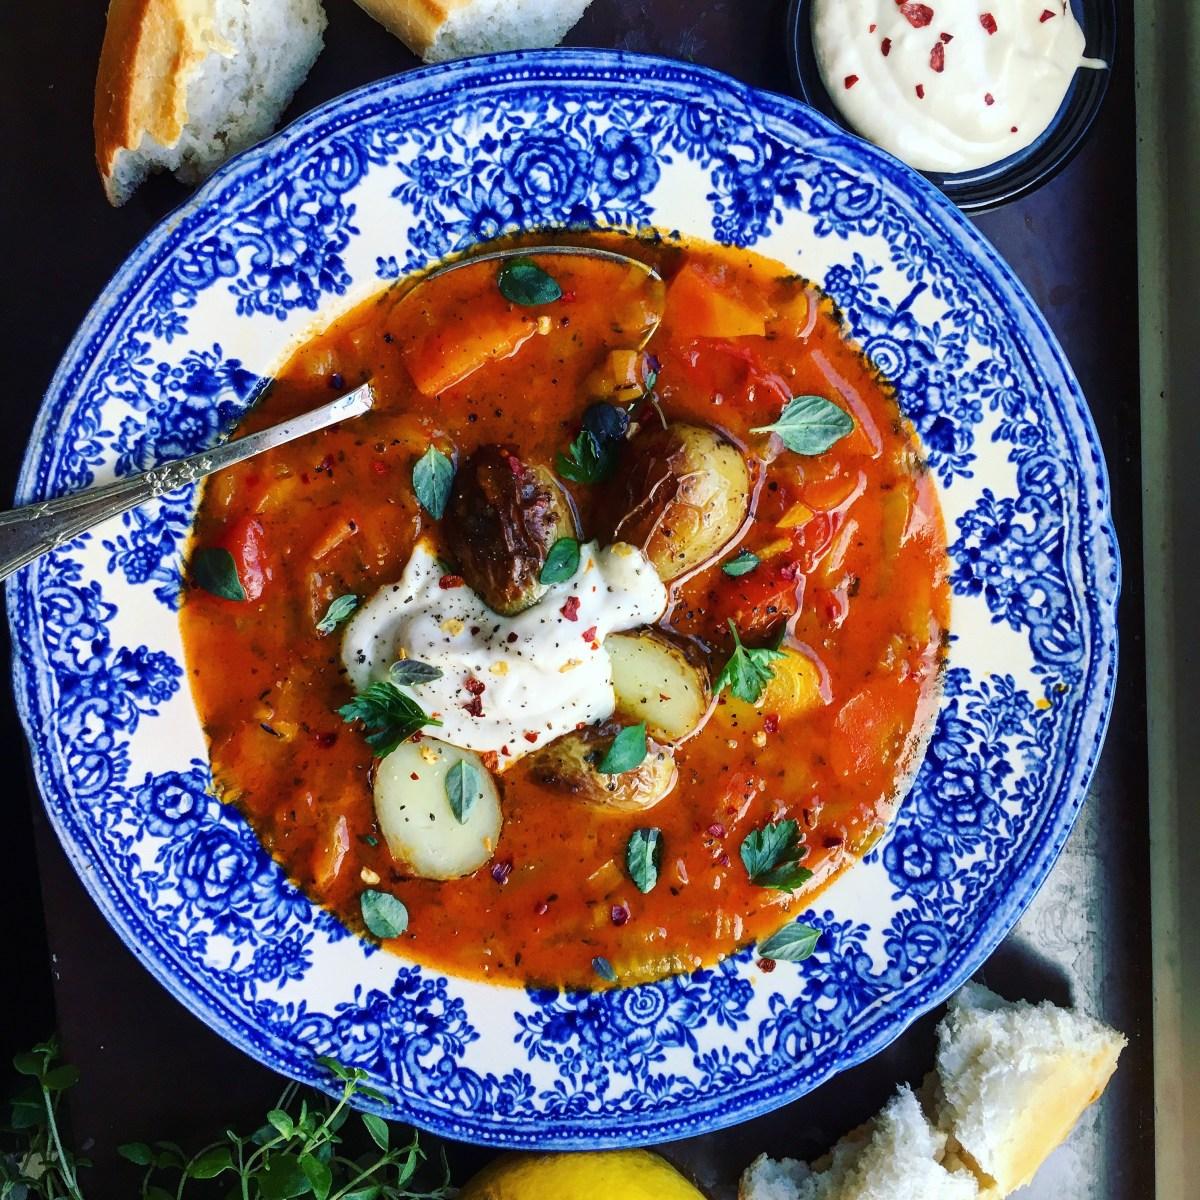 vegansk bouillabaisse med saffran, vegetarisk fisksoppa, med vegansk bönaioli och rostad potatis